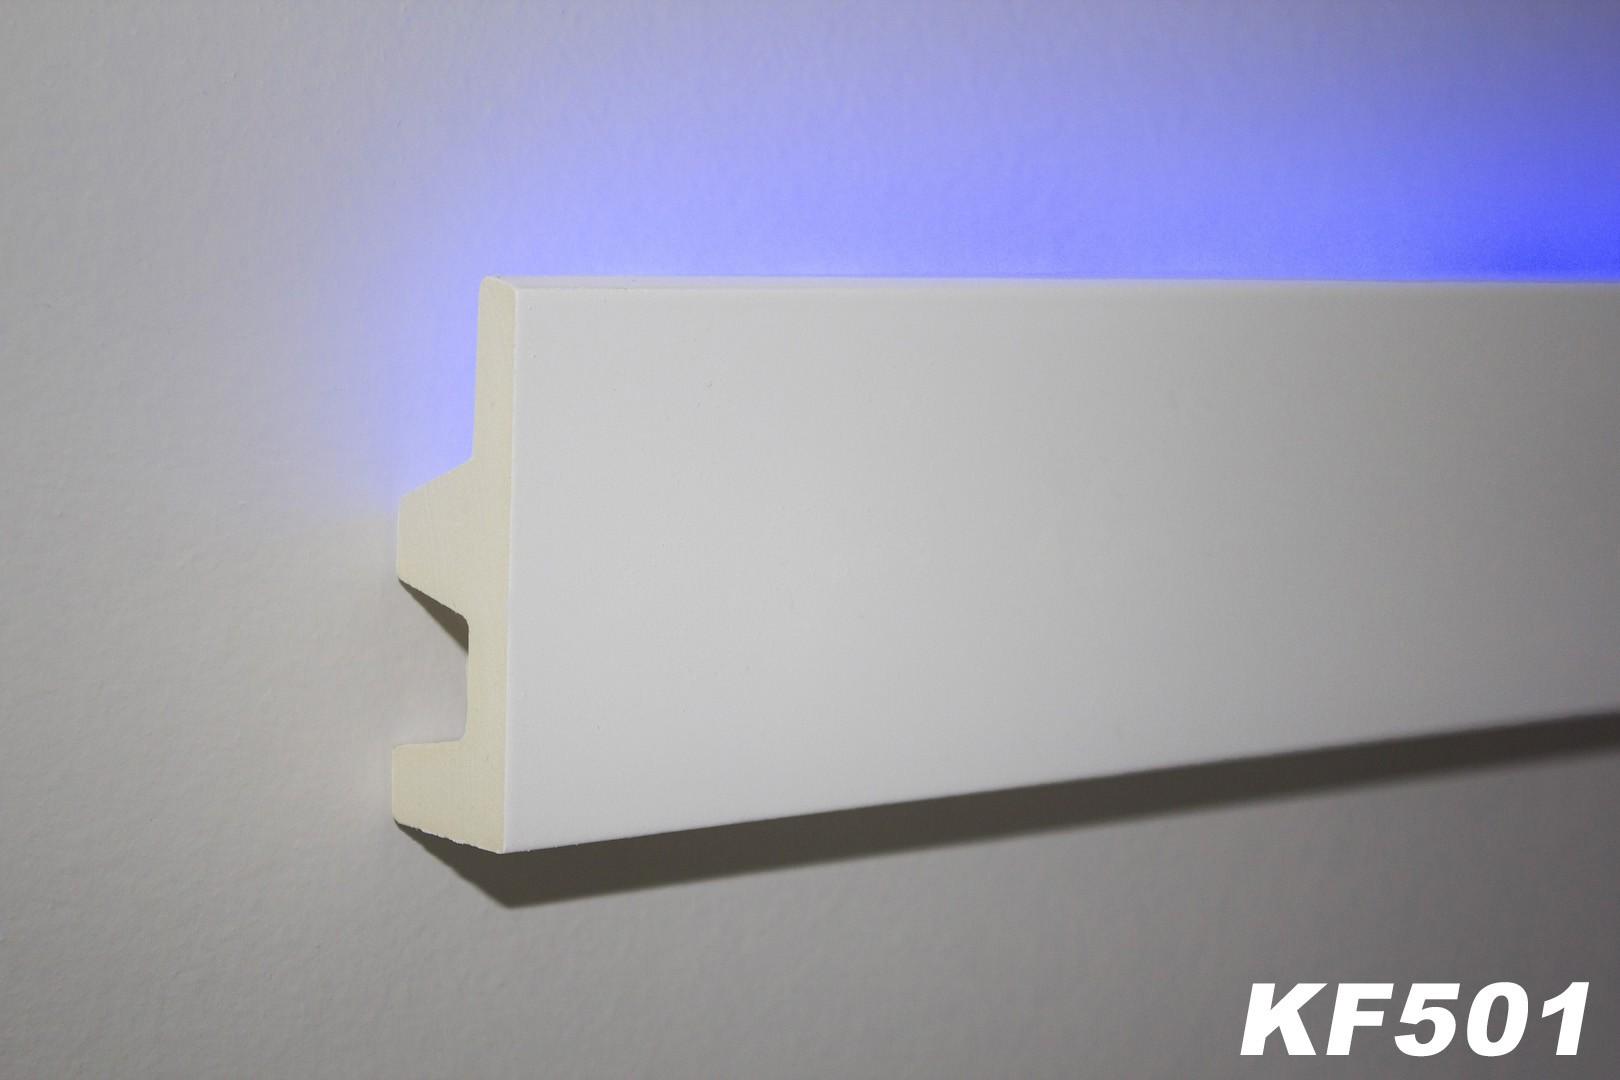 Kf501 originalbild